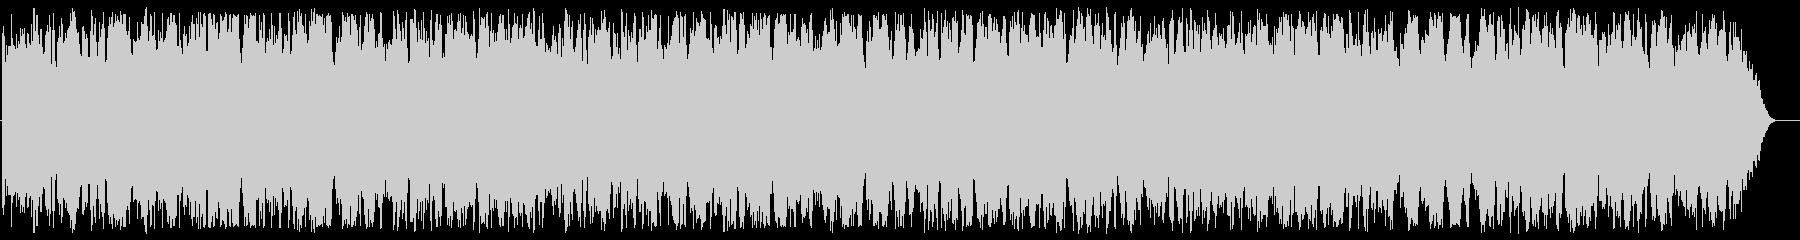 柊と蔦は オルゴール&Str.の未再生の波形